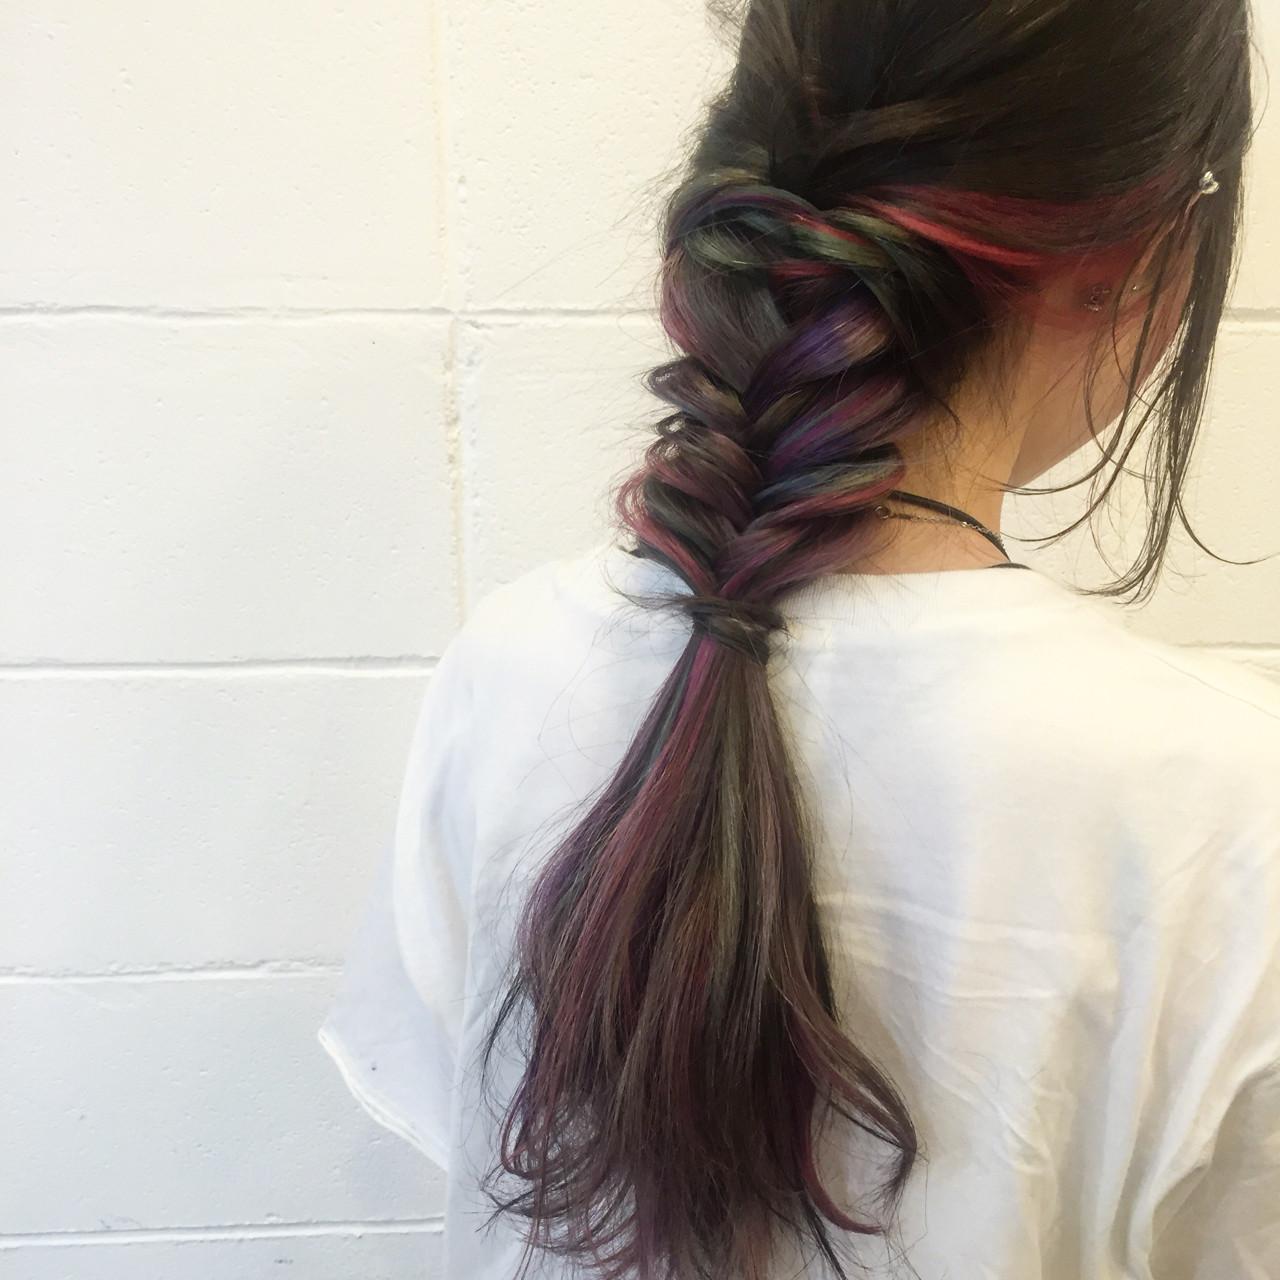 簡単ヘアアレンジ 外国人風 ストリート 夏 ヘアスタイルや髪型の写真・画像 | カミムラ ケンスケ / SPEC